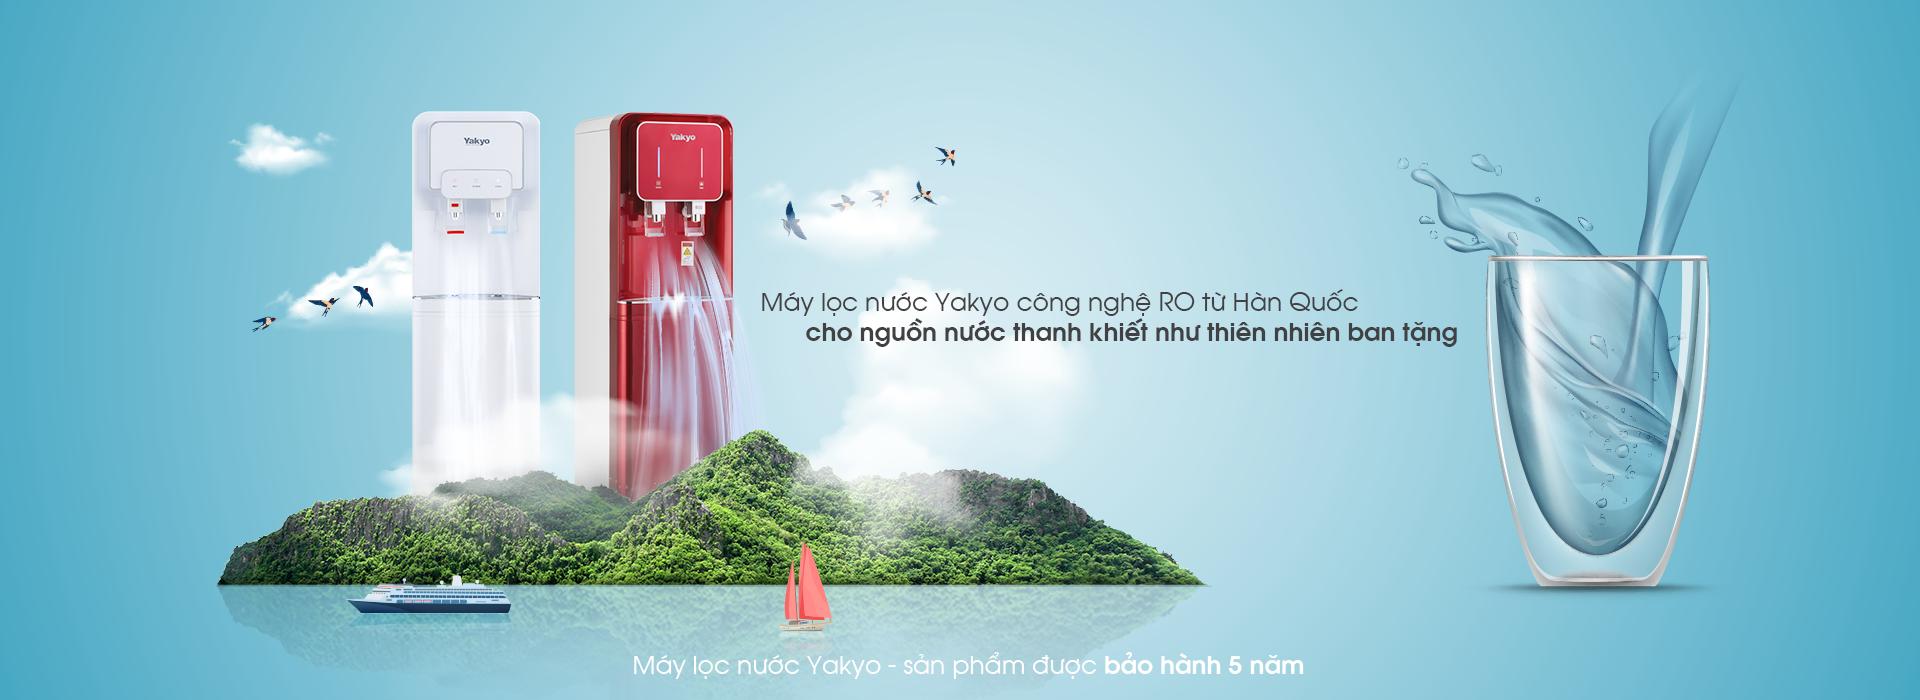 máy lọc nước yakyo